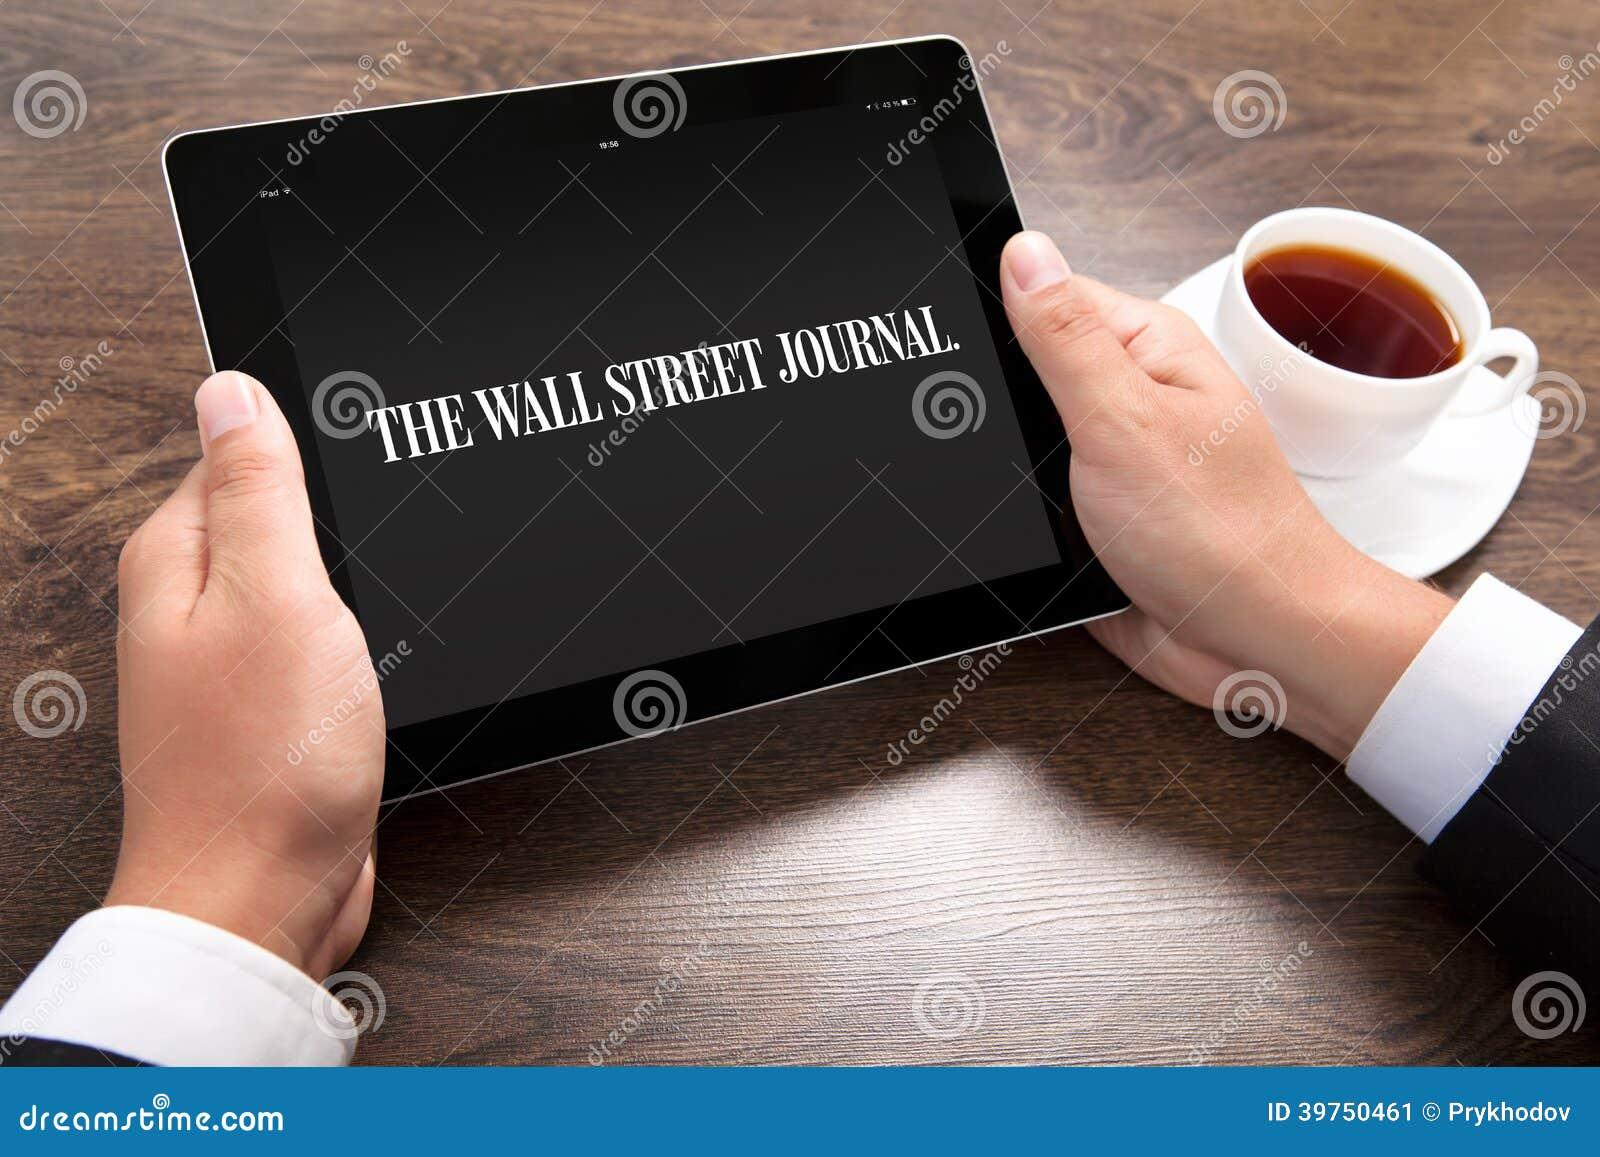 Zakenmanholding ipad met Wall Street Journal op het scherm